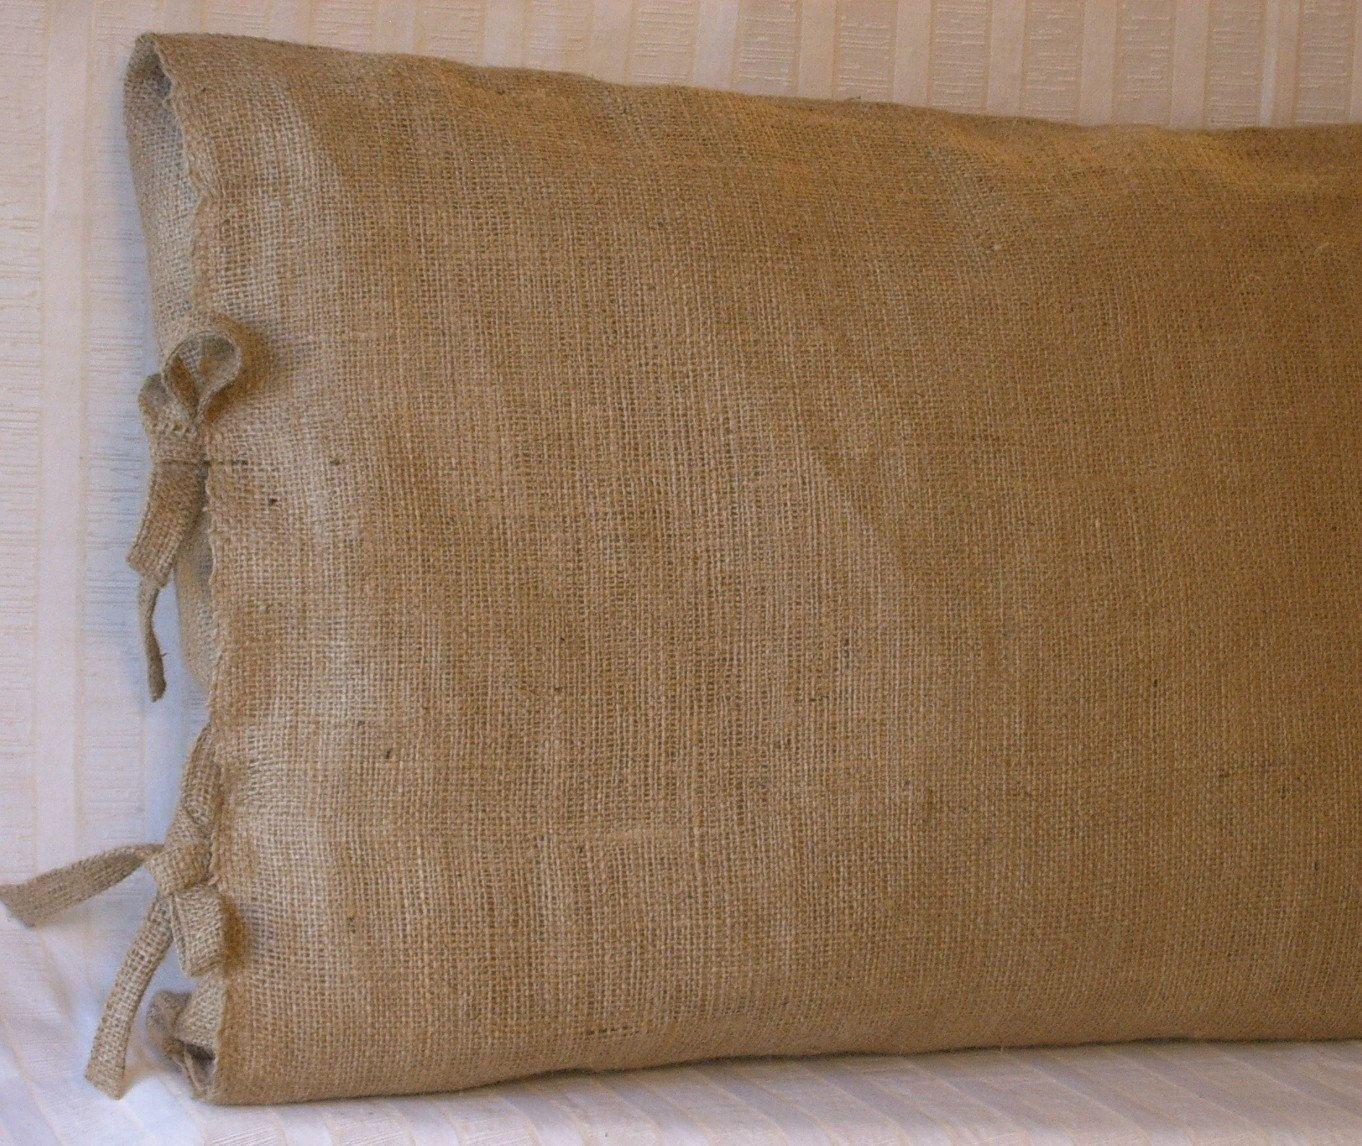 Standard Queen Burlap Pillow Sham With Tie Closure 26 X 20 Lined 32 00 Via Etsy Decoracion Hogar Decoracion De Unas Hogar